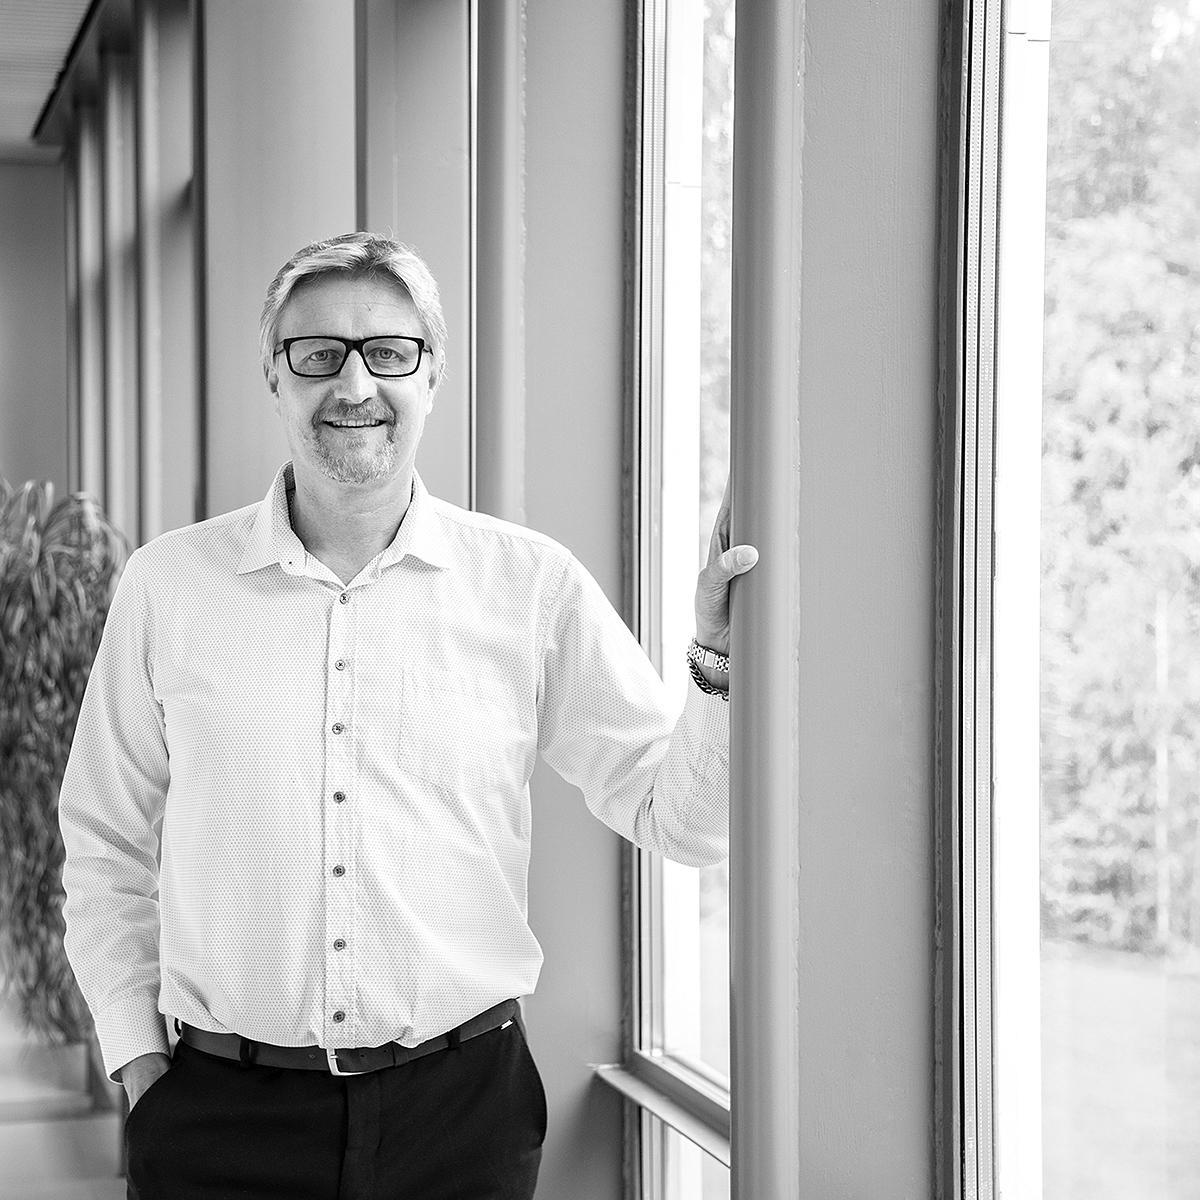 Valokuvaaja Timo Ahola -  - Janne Pirttijoki - SSAB (c) Valokuvaaja Timo Ahola